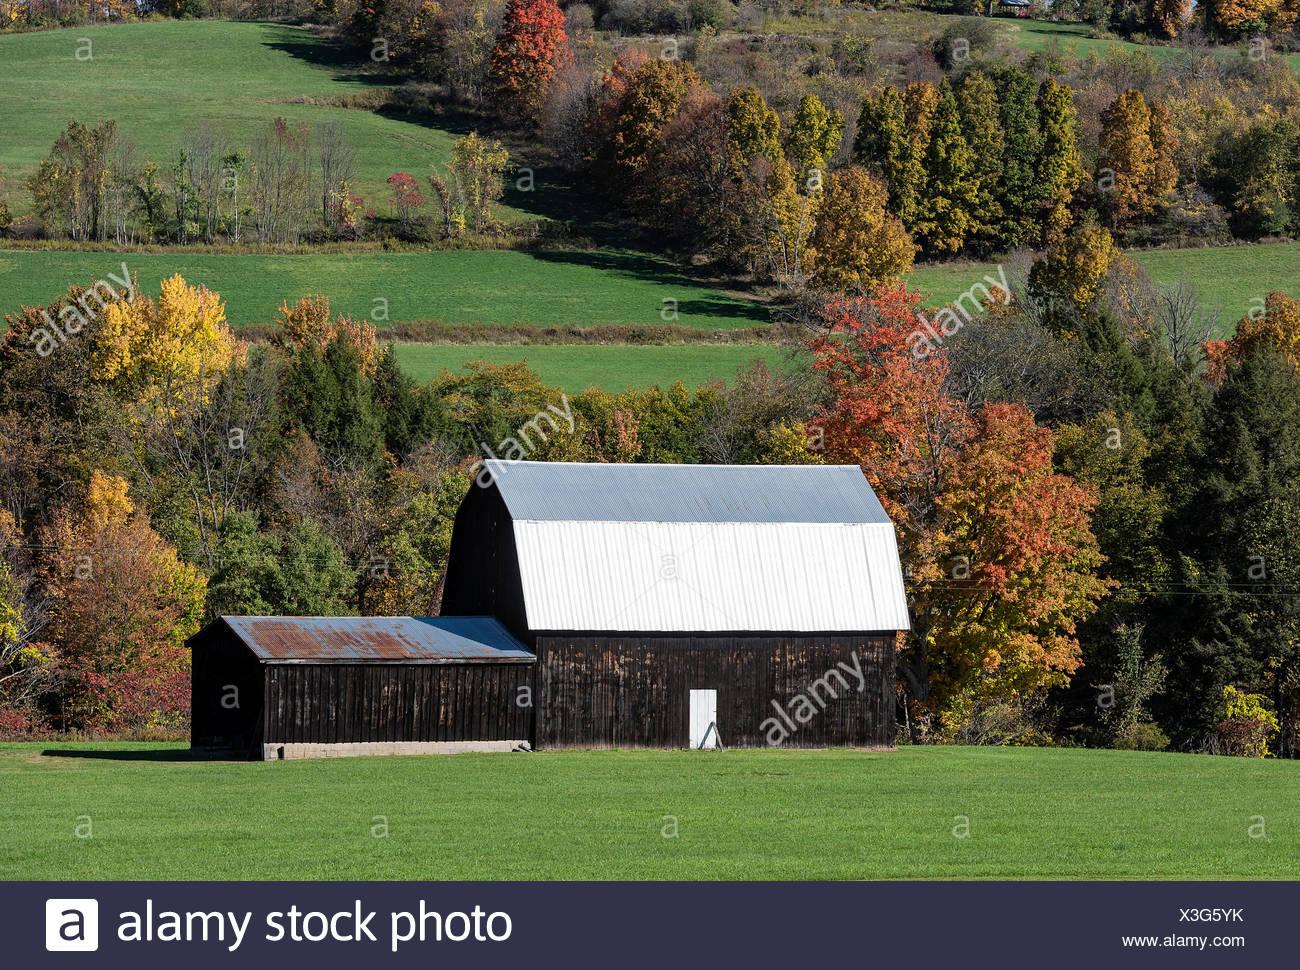 Granero rural con techo de lata, Covington, Nueva York, EE.UU. Imagen De Stock